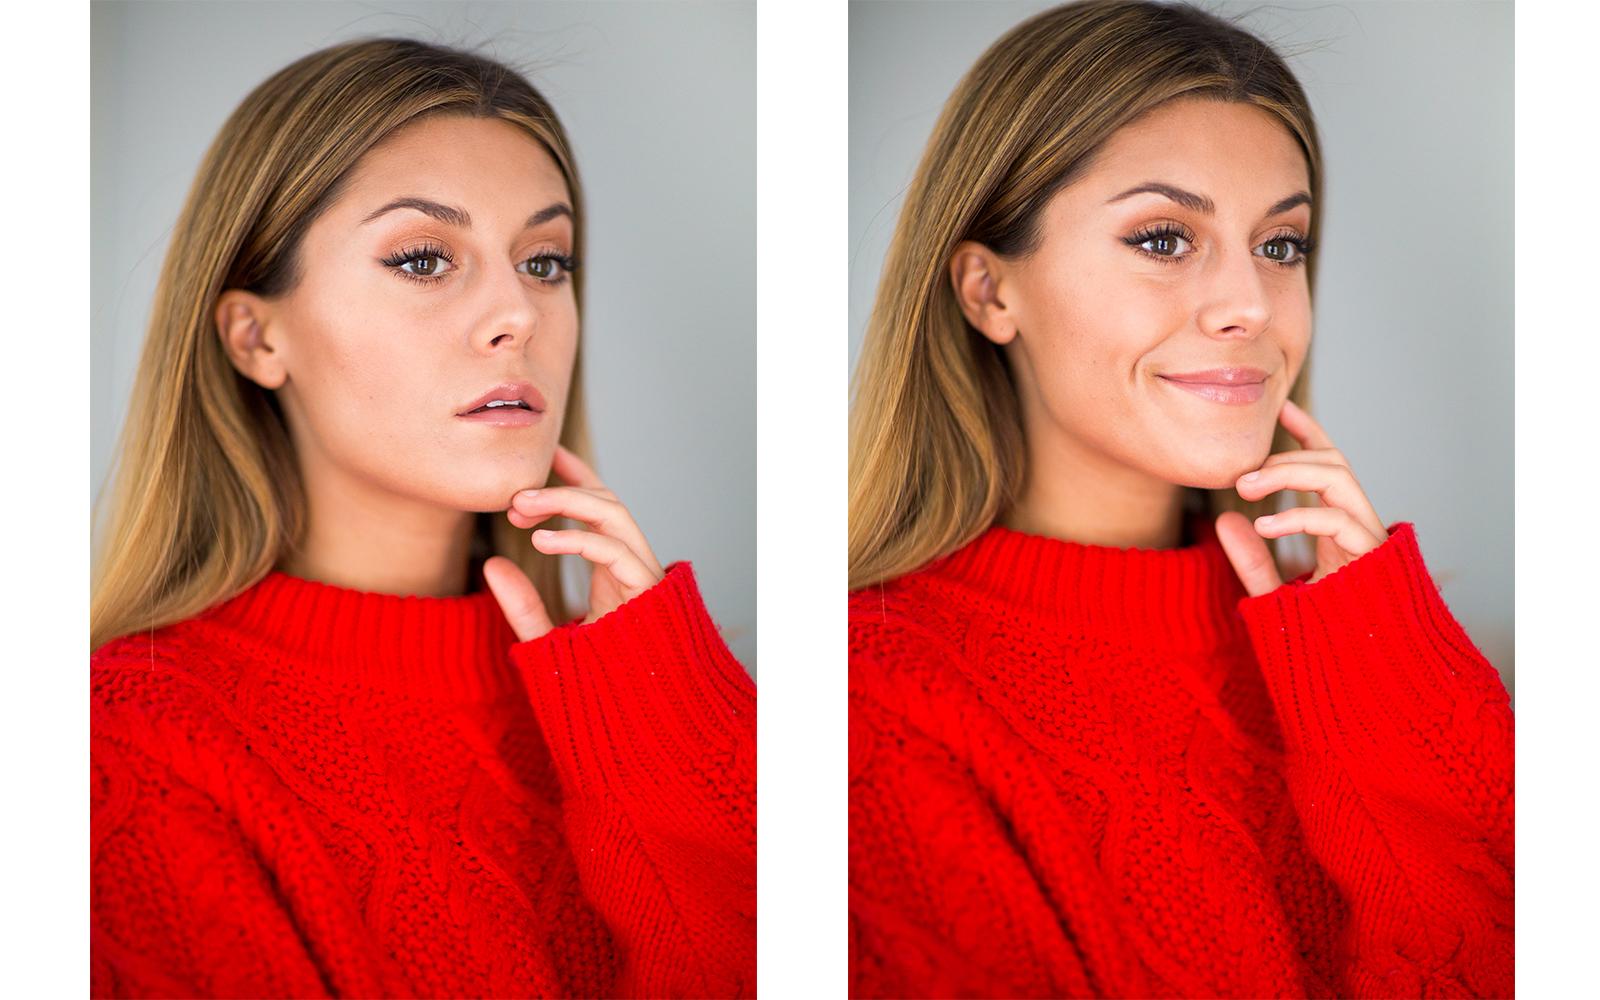 bianca makeup